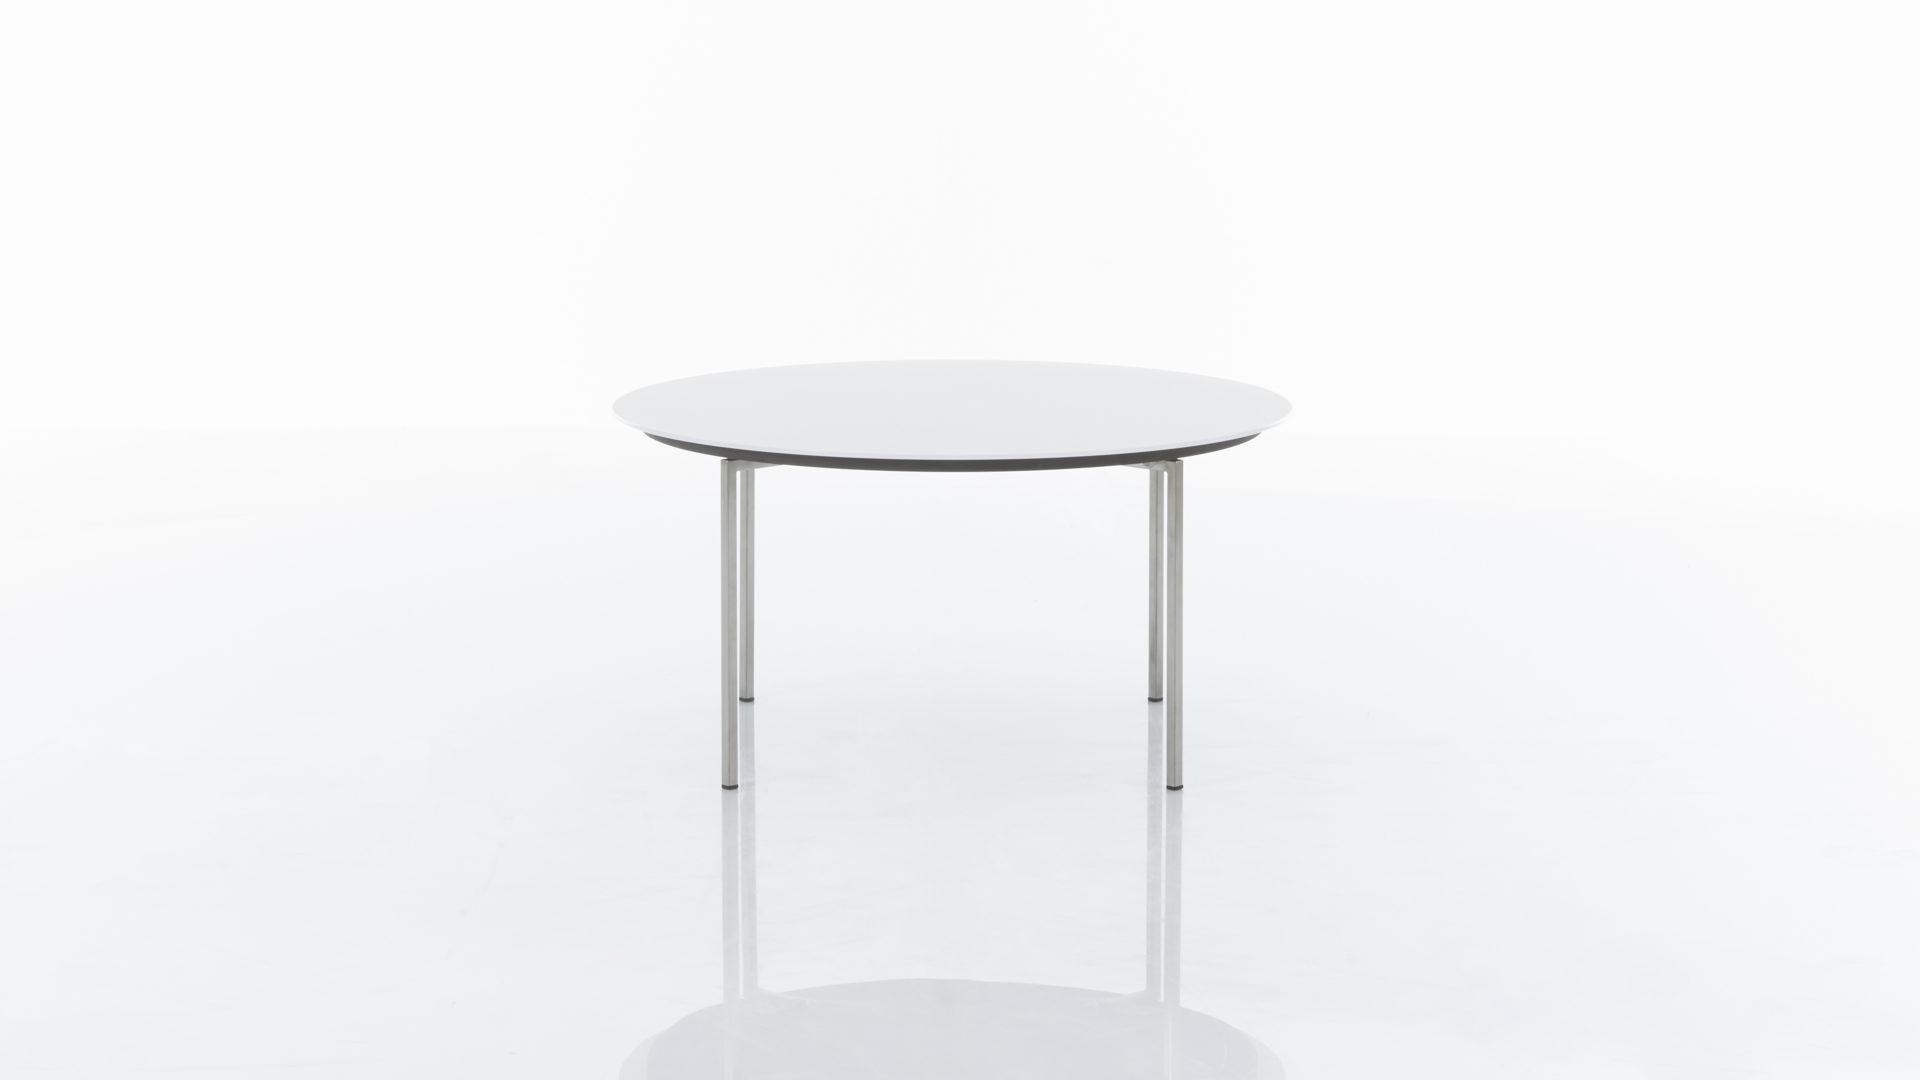 Interliving Couchtisch Serie 6201 Beistelltisch Weisse Glasplatte